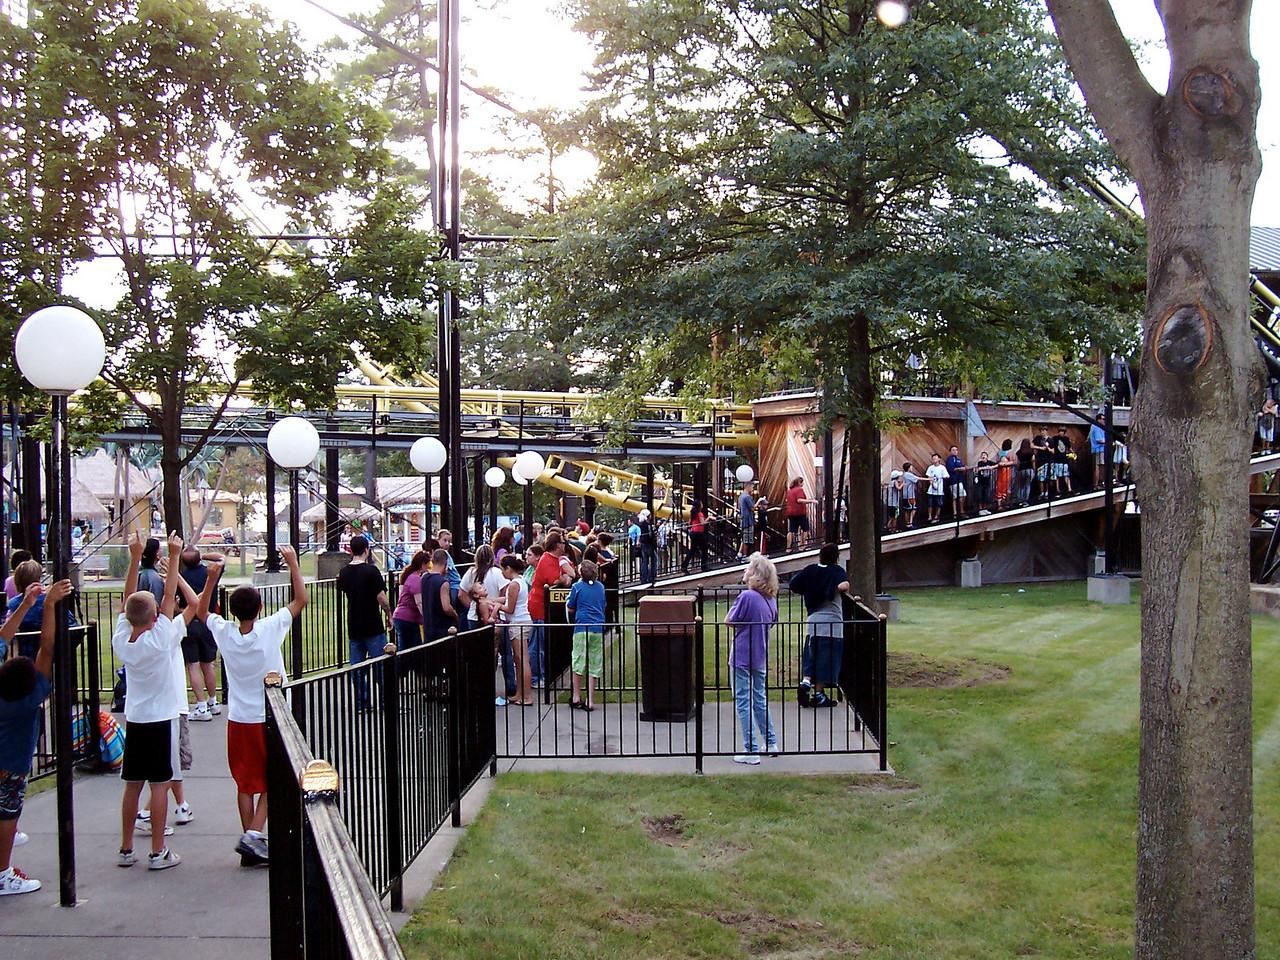 Canobie Corkscrew queue at 6:39pm.